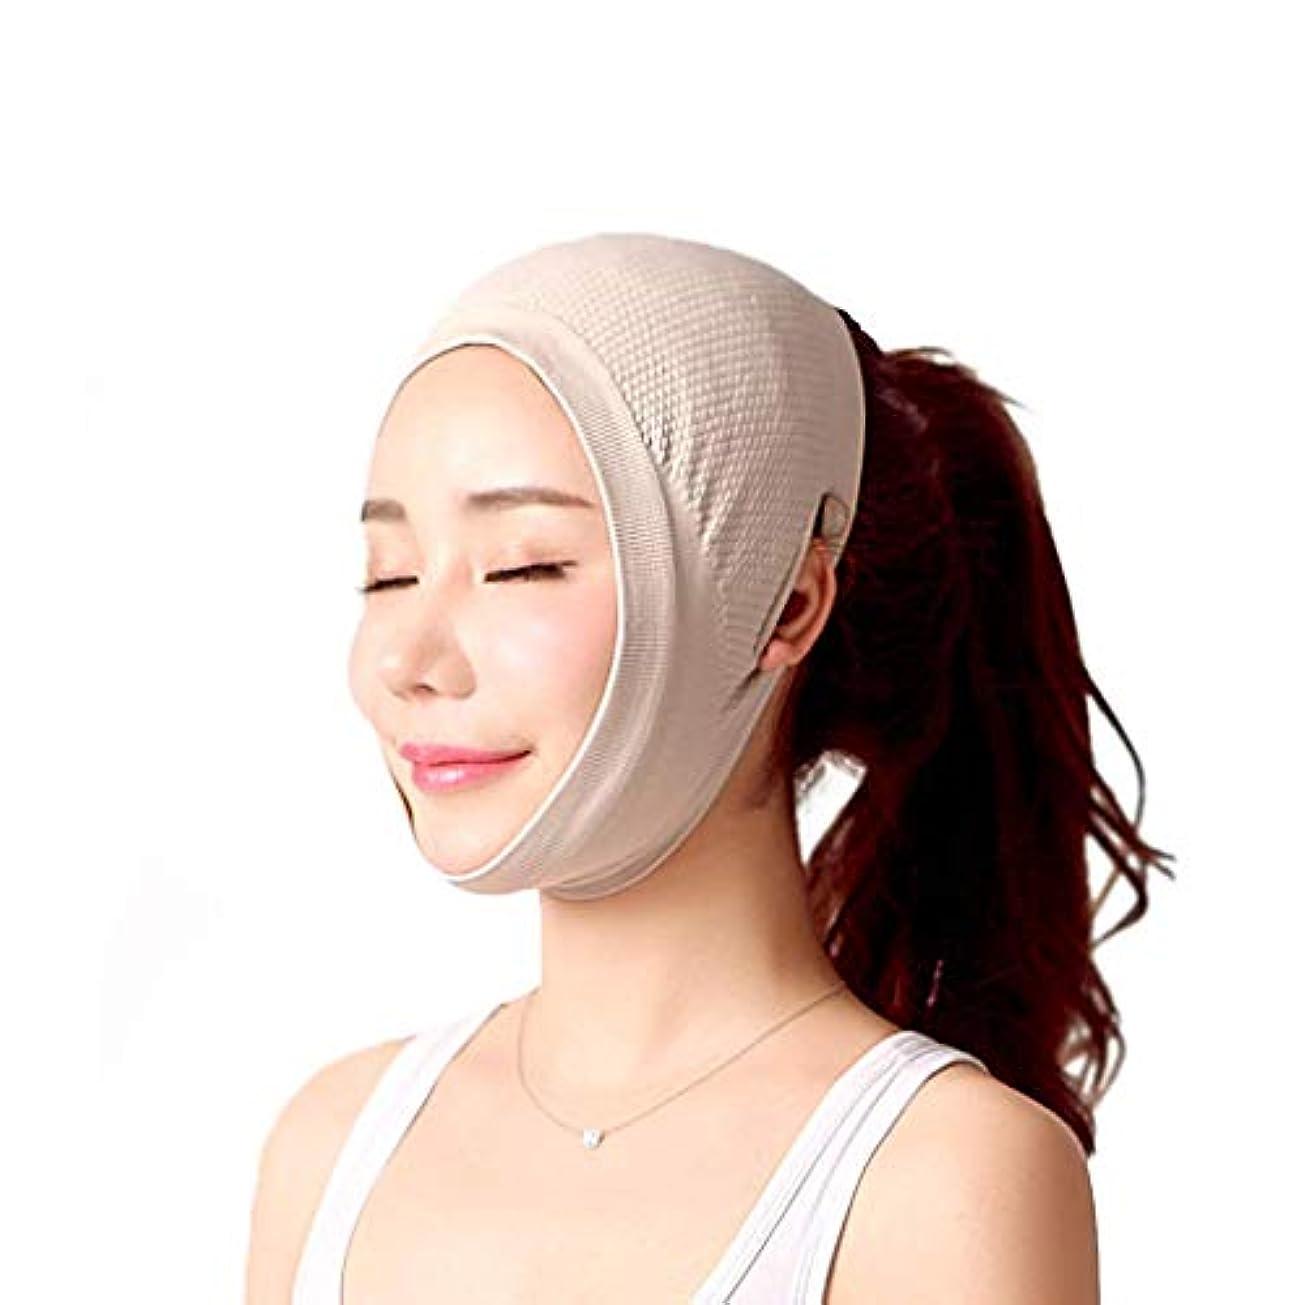 インレイ半径連想顔痩身包帯、二重あご、二重あごを減らすために顔を持ち上げる、顔を引き締める、体重を減らすためのマスク(ワンサイズ)